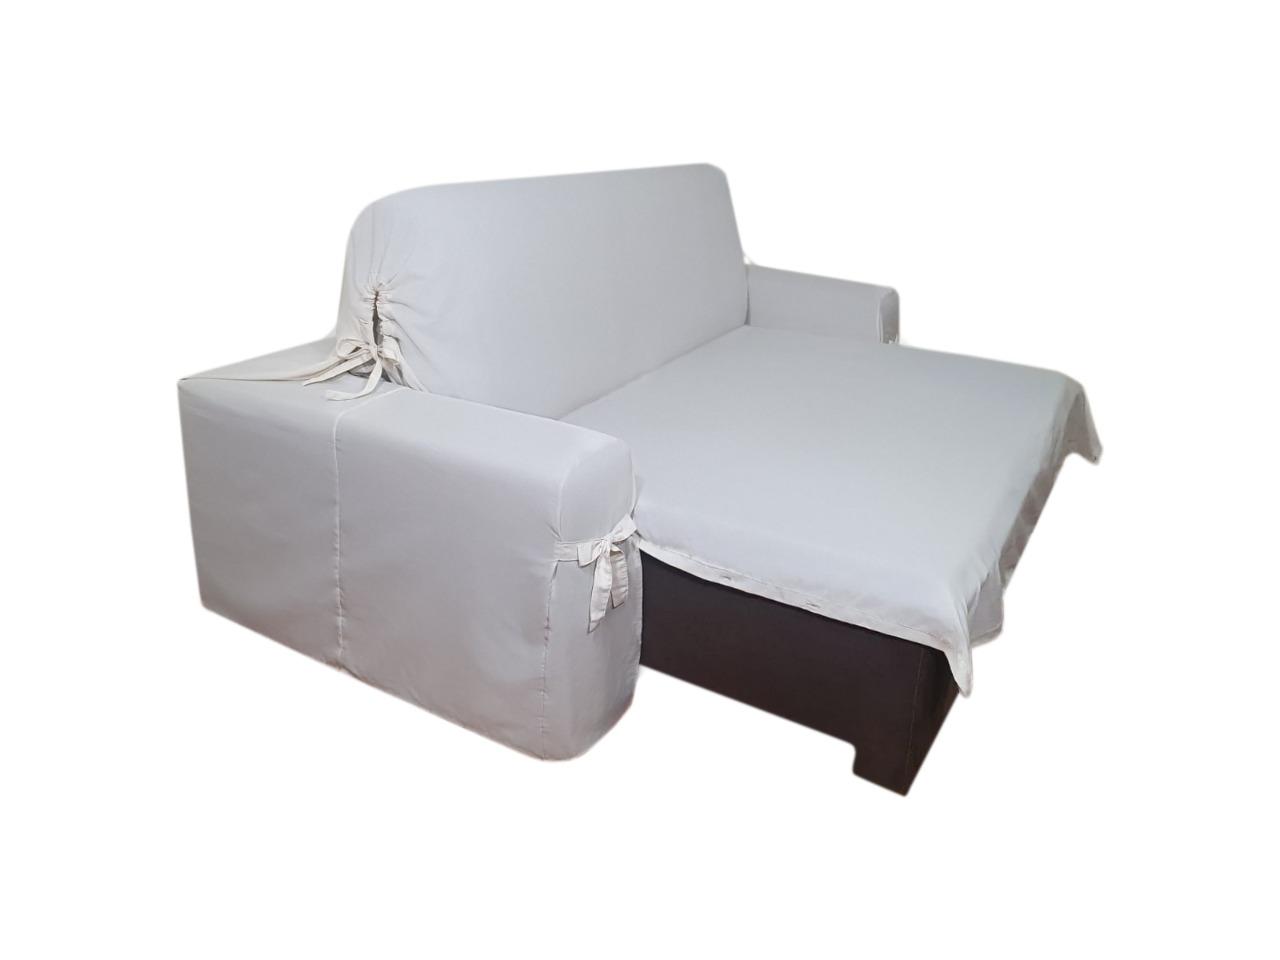 Capa p/ Sofá Retrátil e Reclinável em Acquablock Impermeável CRU - Veste Sofás de 1,50m até 1,95m